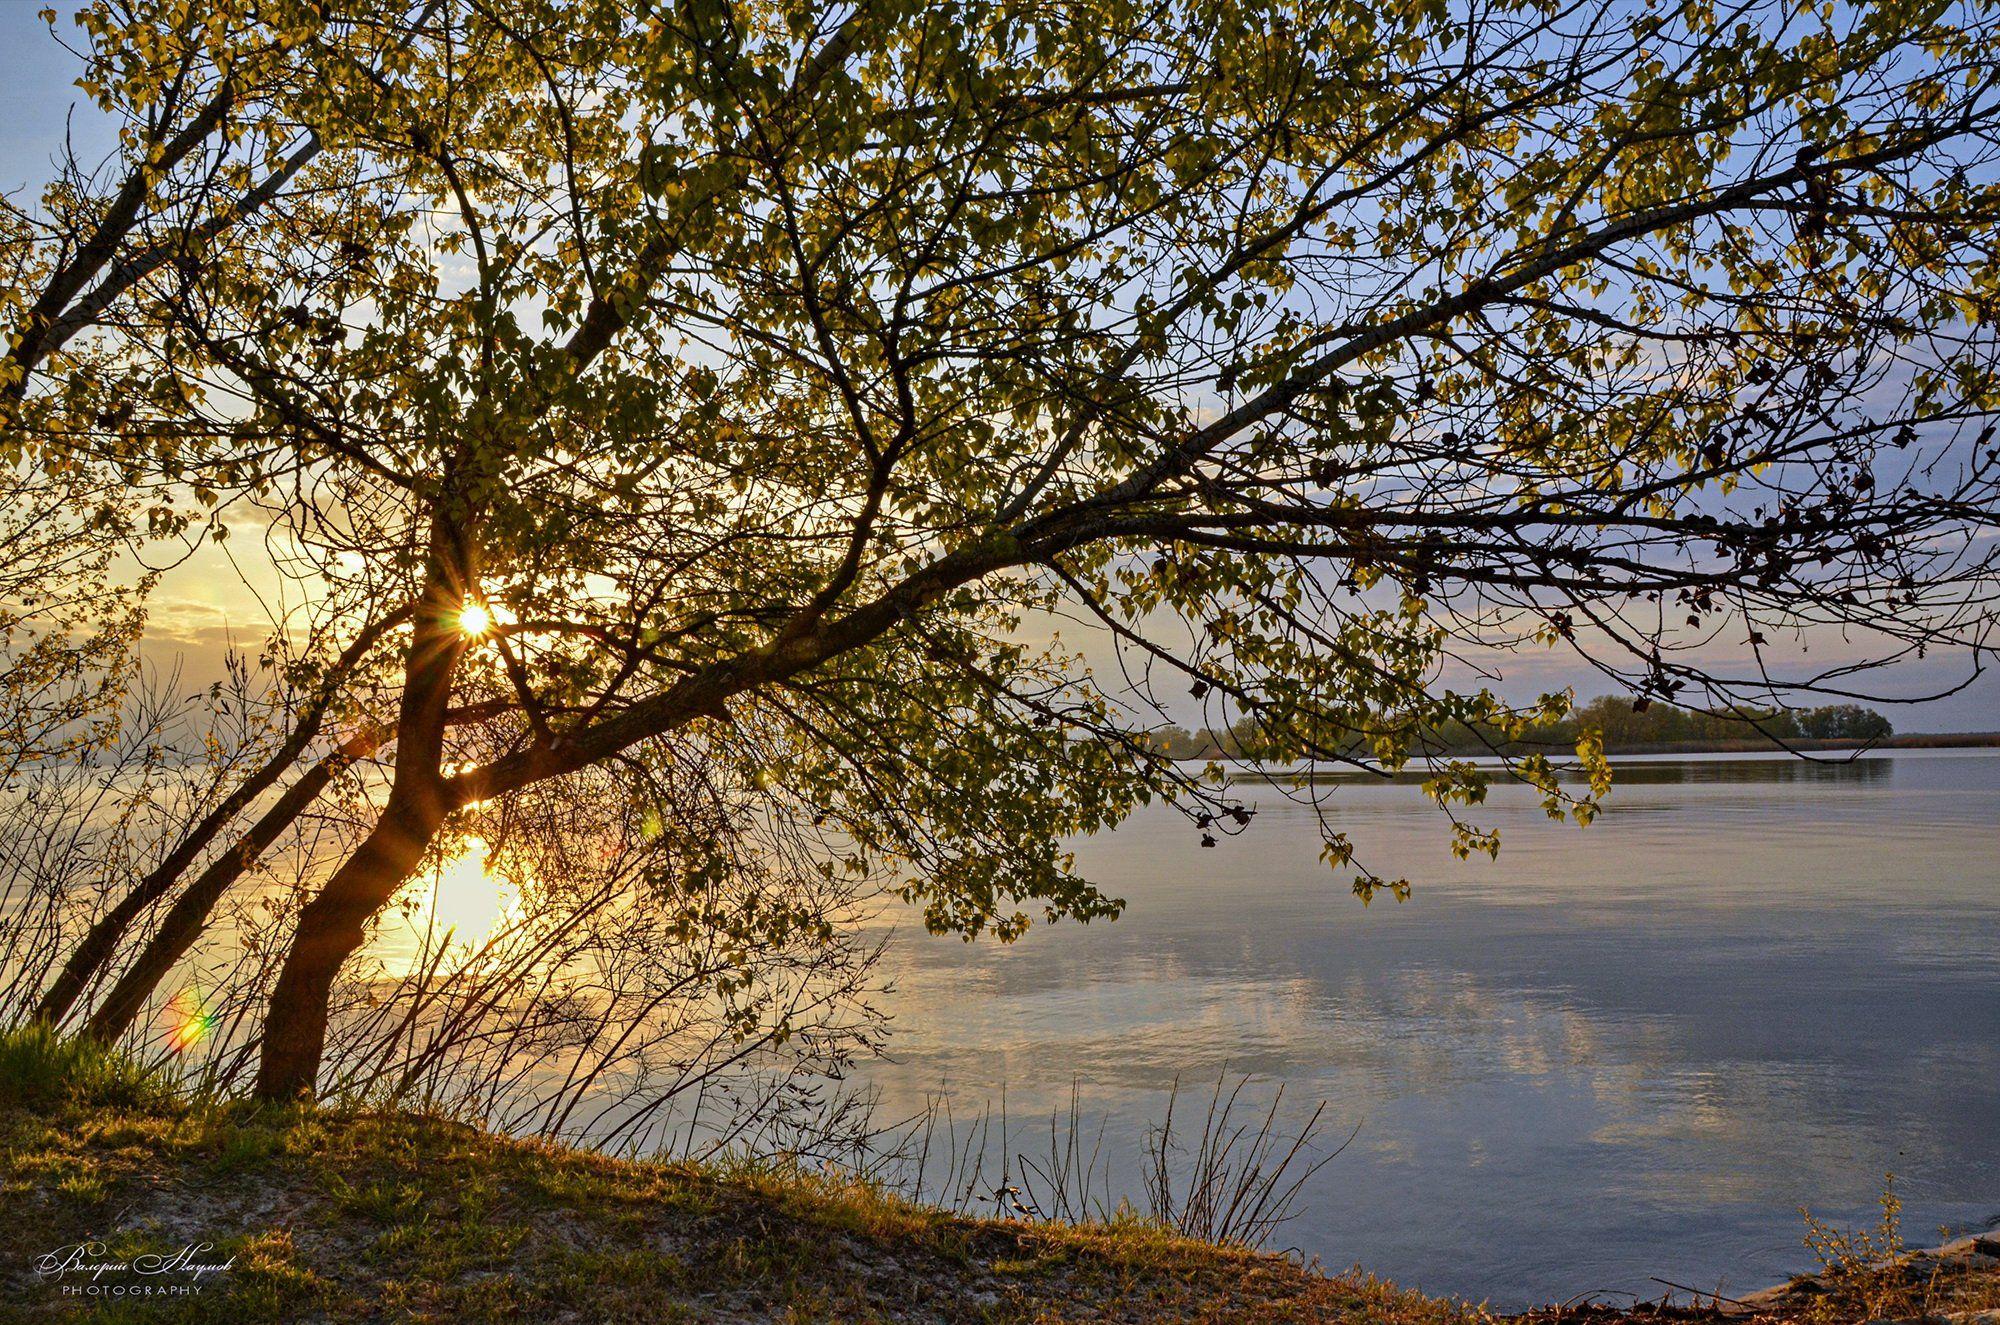 утро, май, рассвет, восход, небо, облака, отражение, тишина, первый листочки, Валерий Наумов